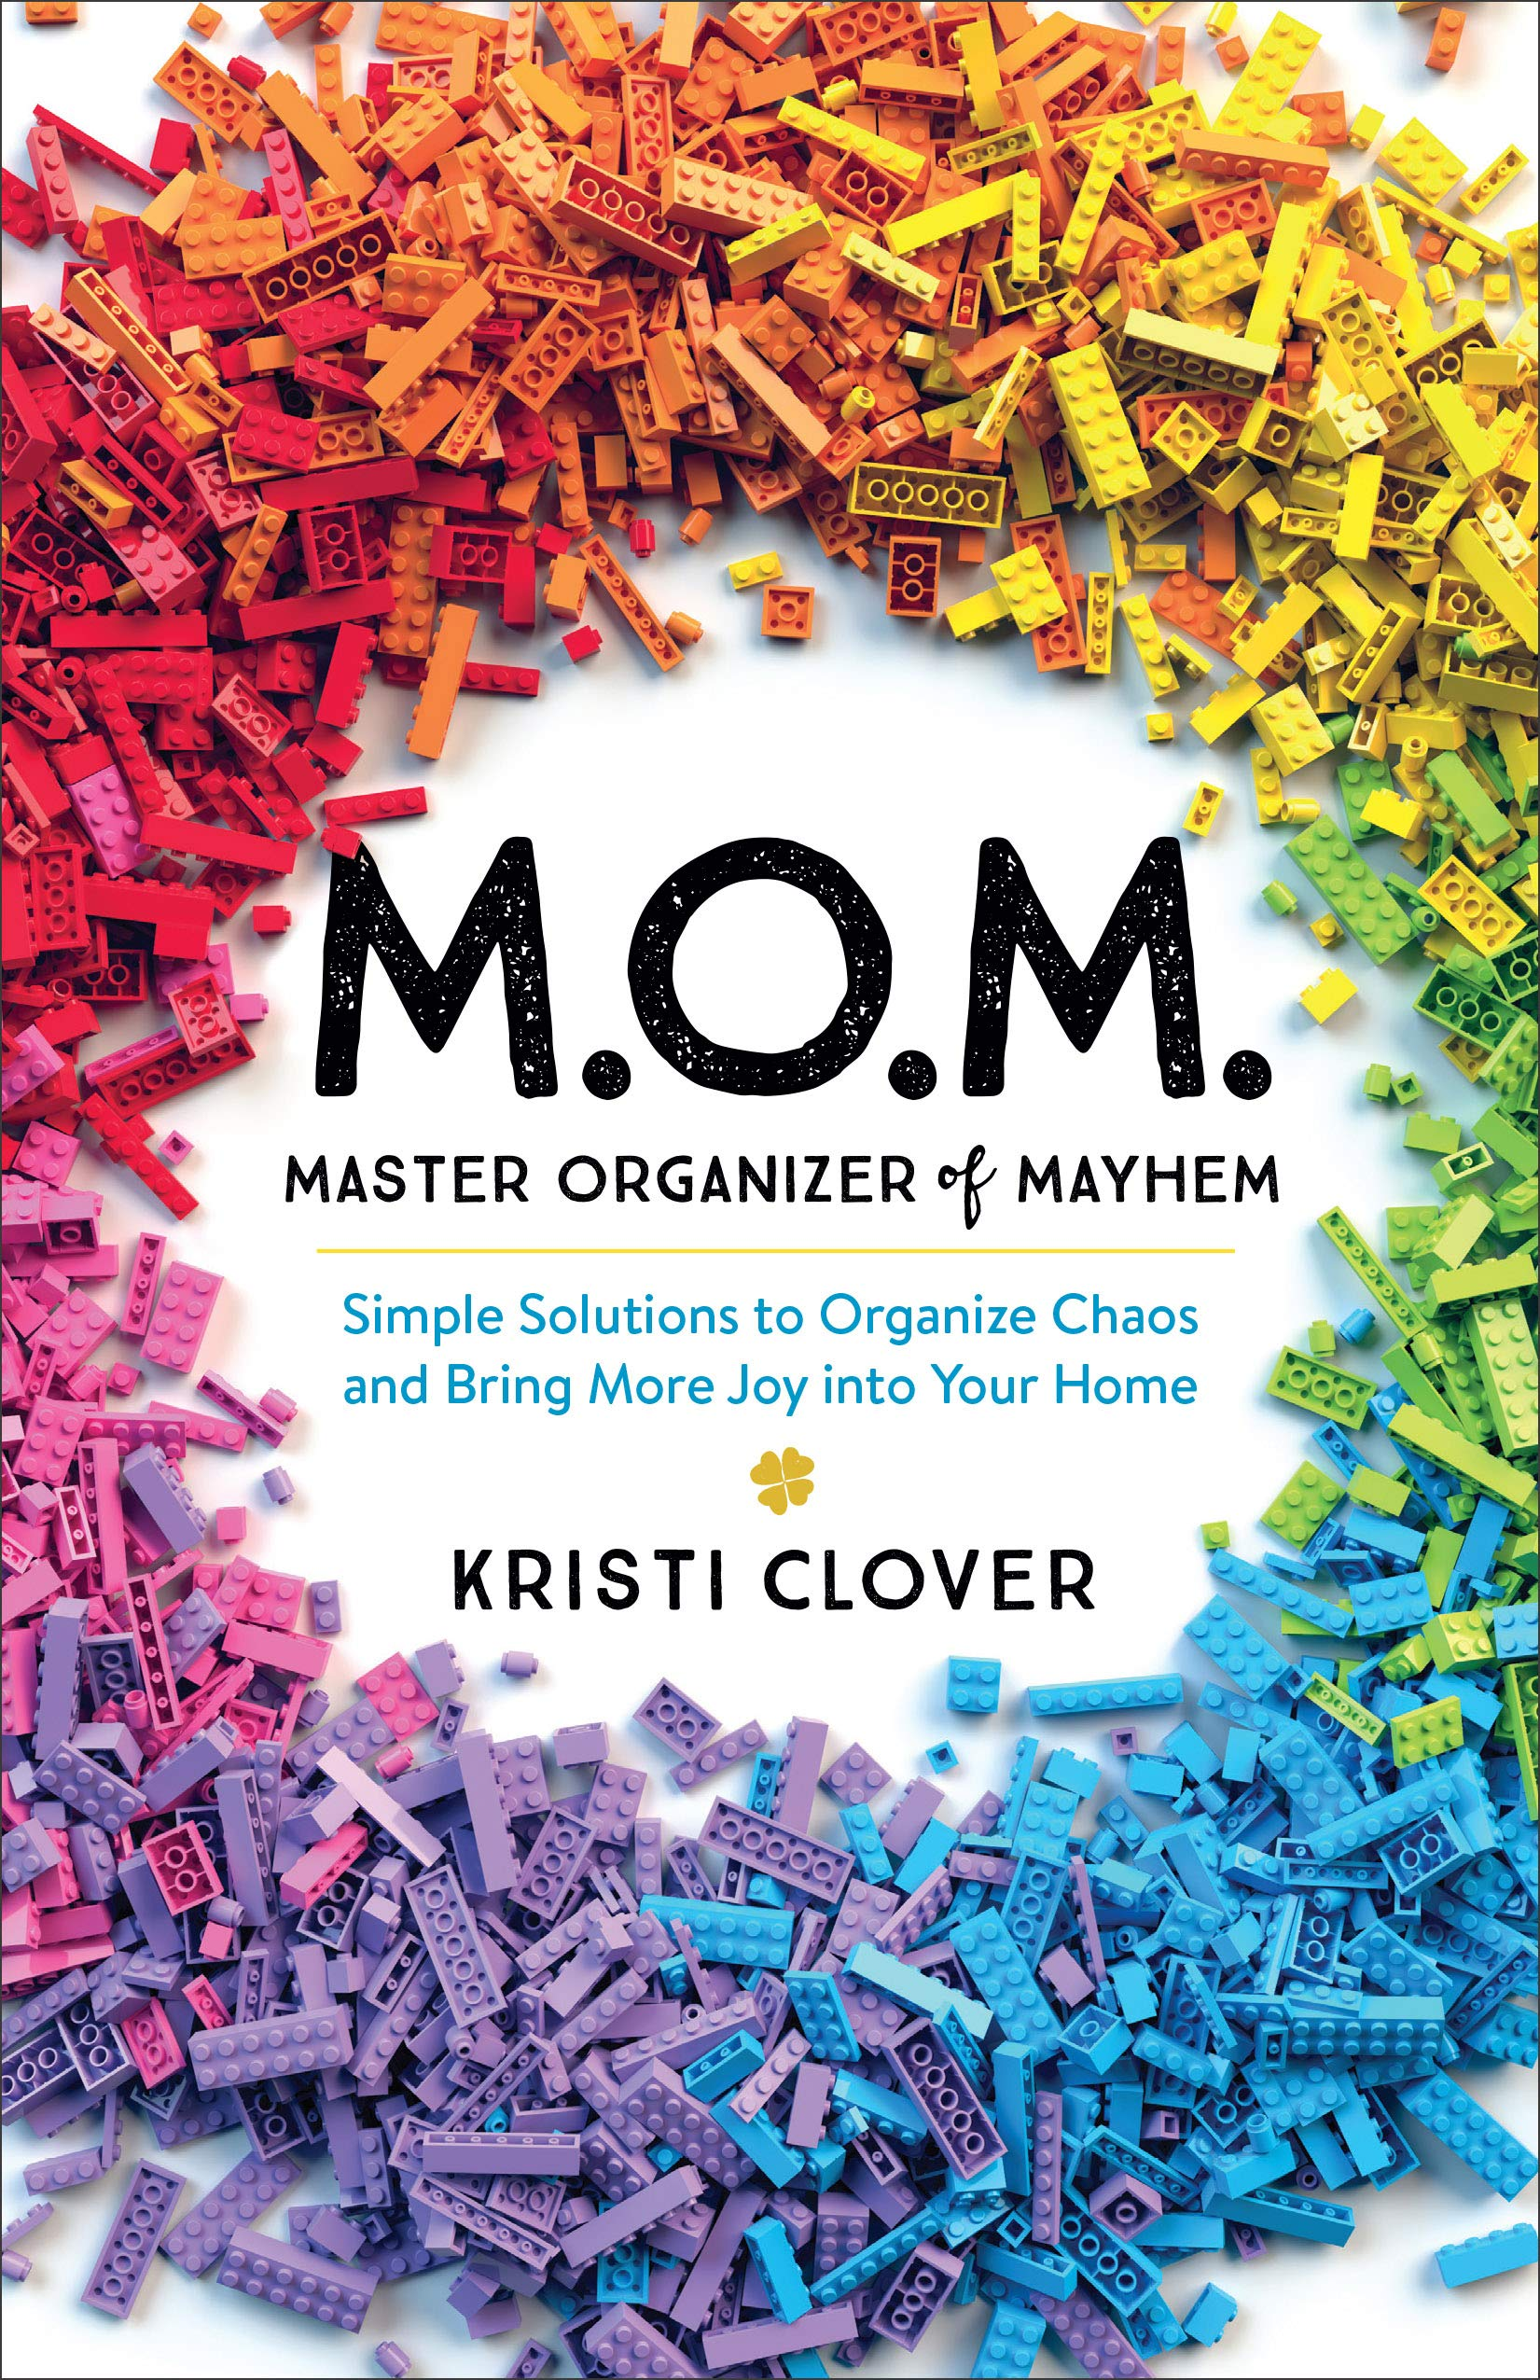 Master Organizer of Mayhem by Kristi Clover